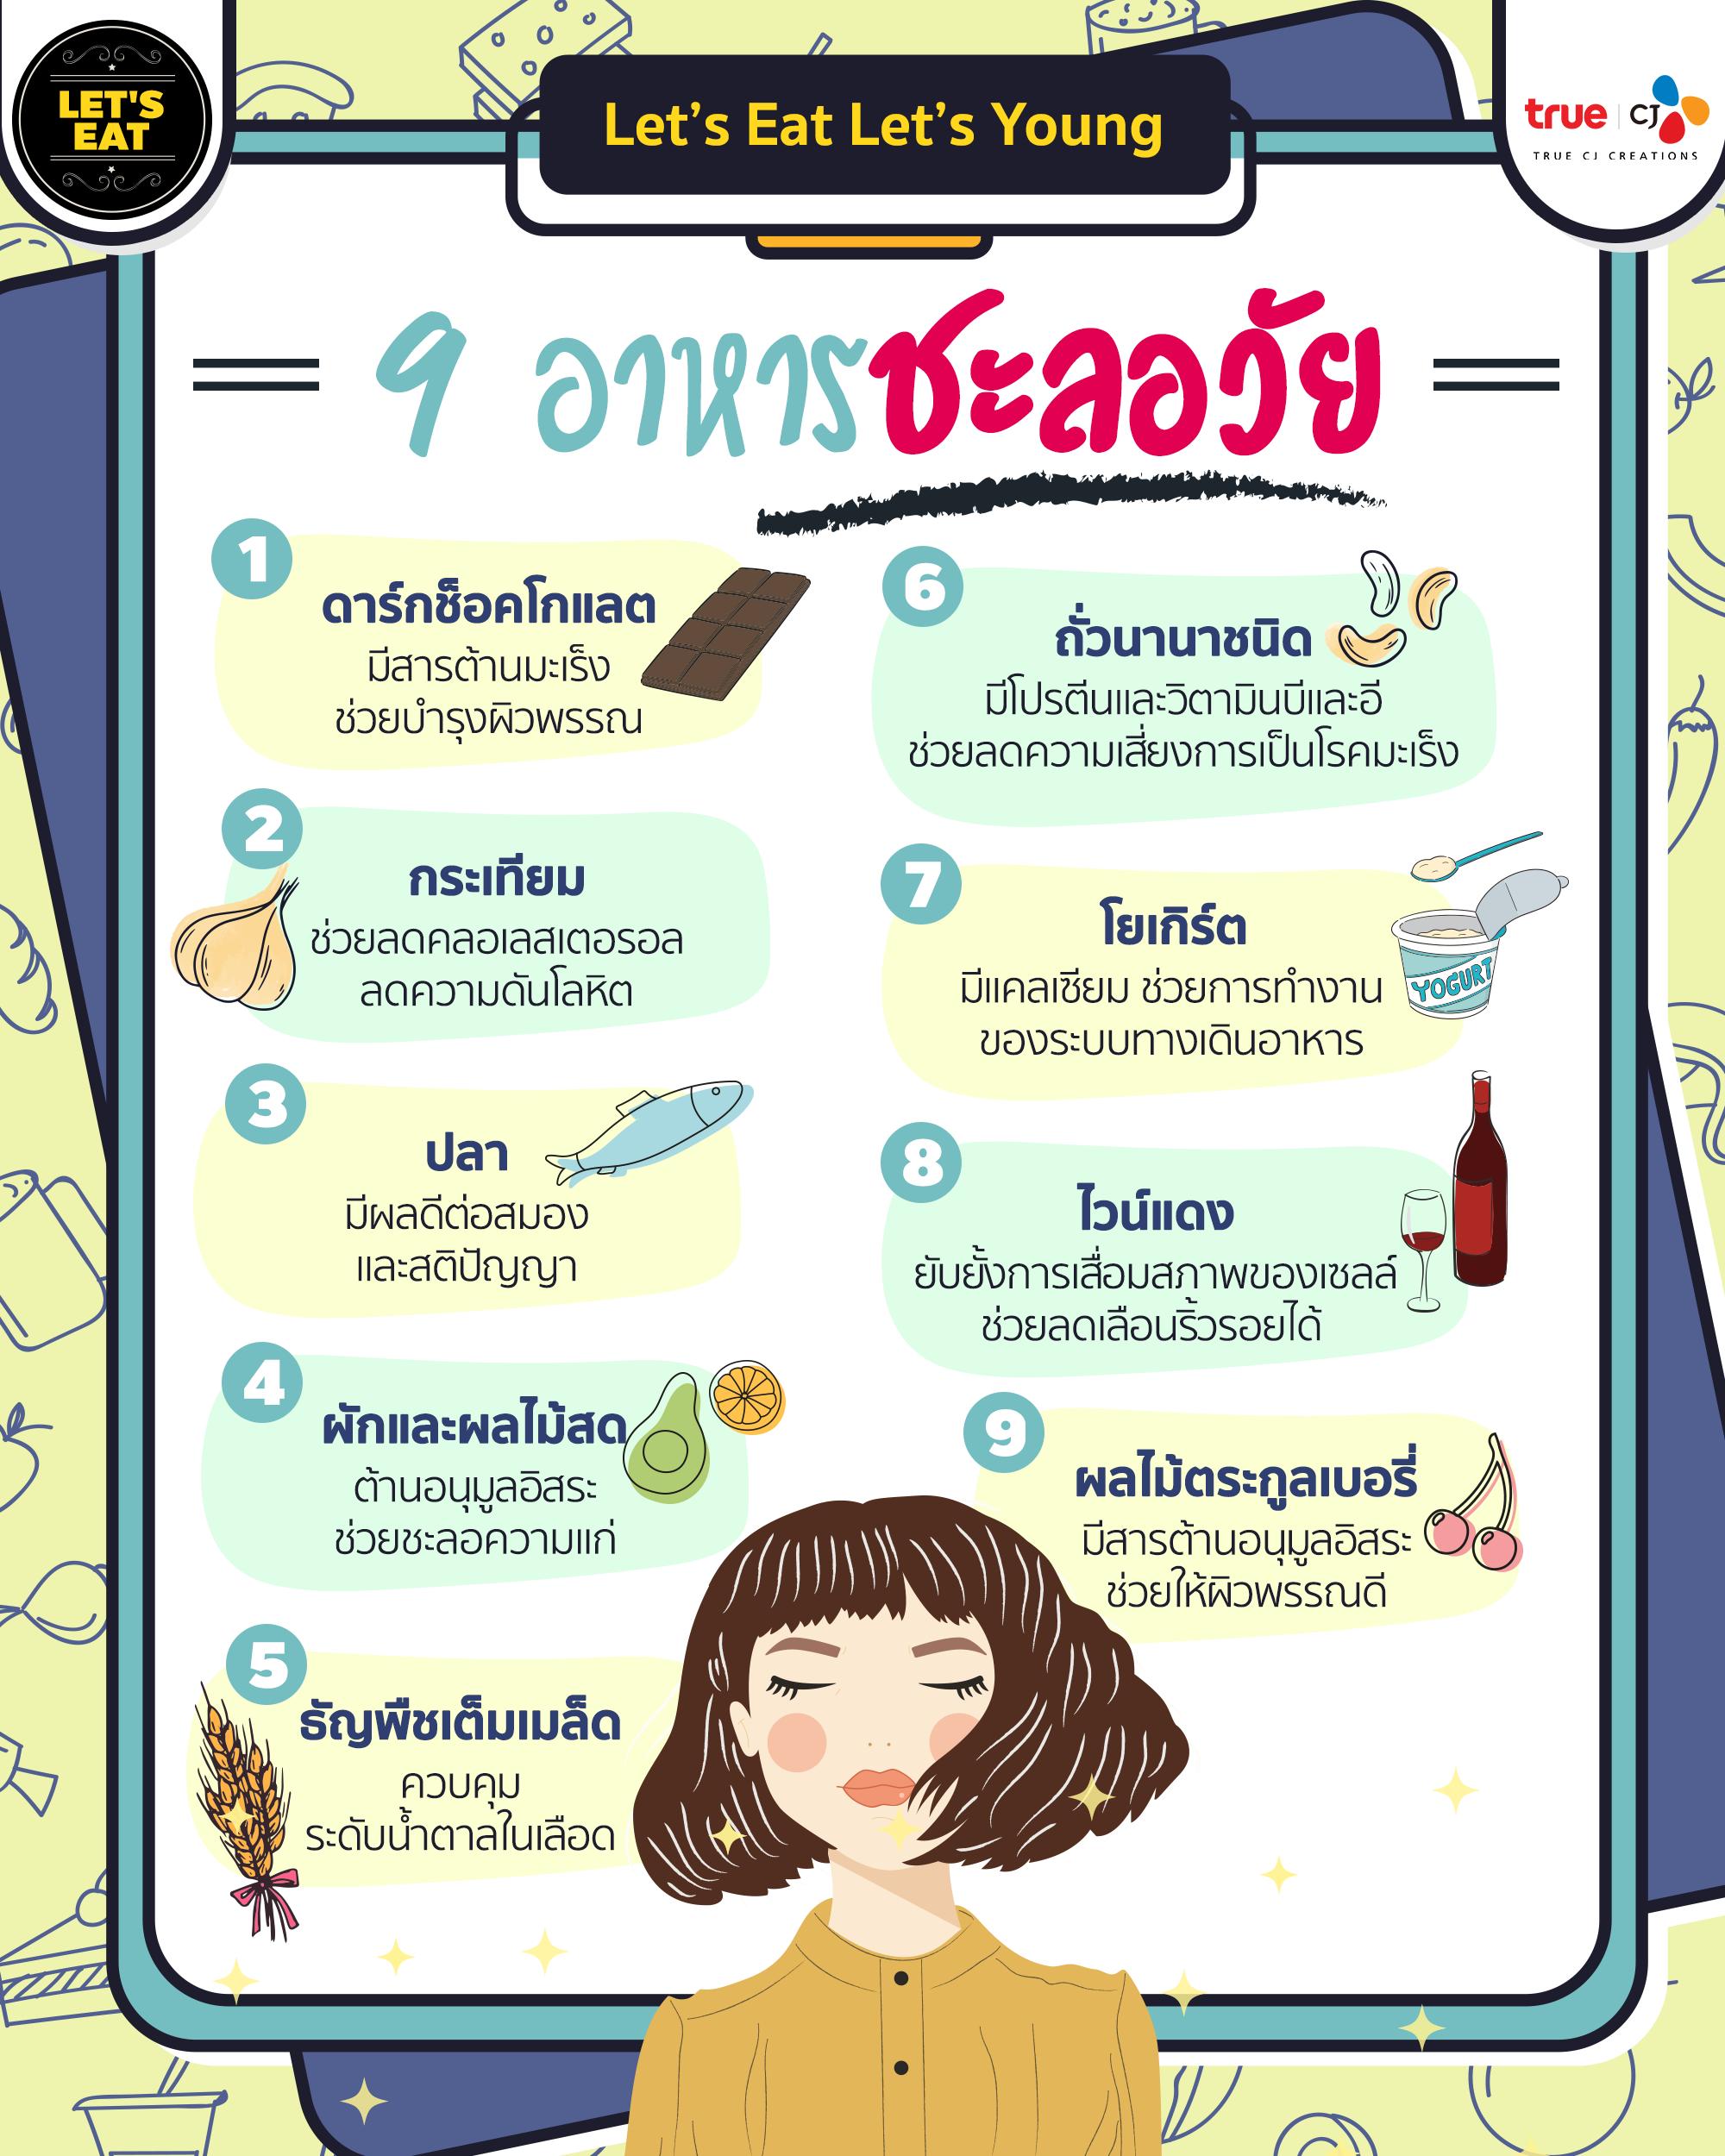 9 อาหารชะลอวัย